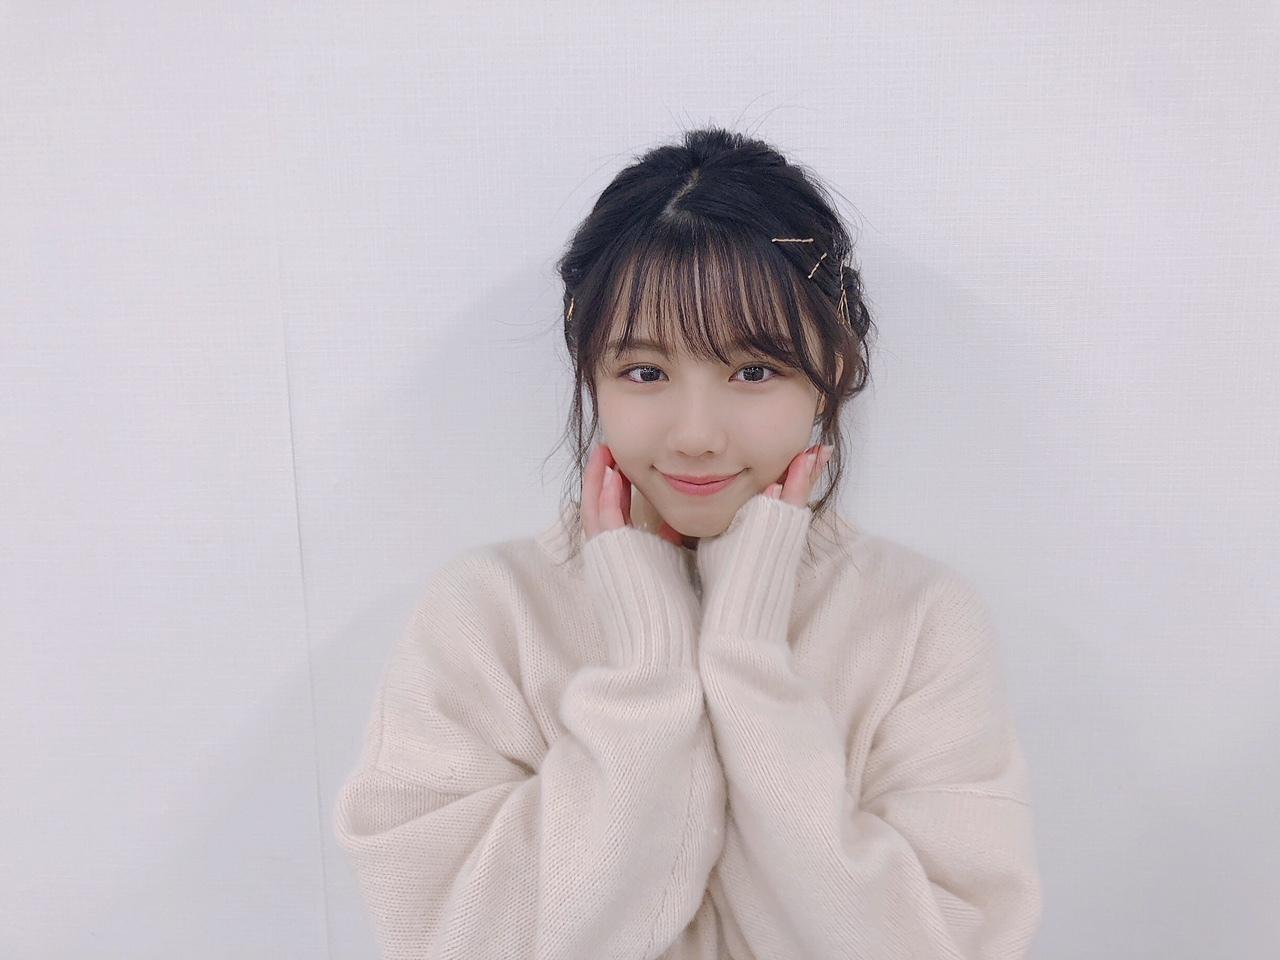 欅坂46・渡邉美穂「もうムリ」とブログ更新しネット・SNS騒然